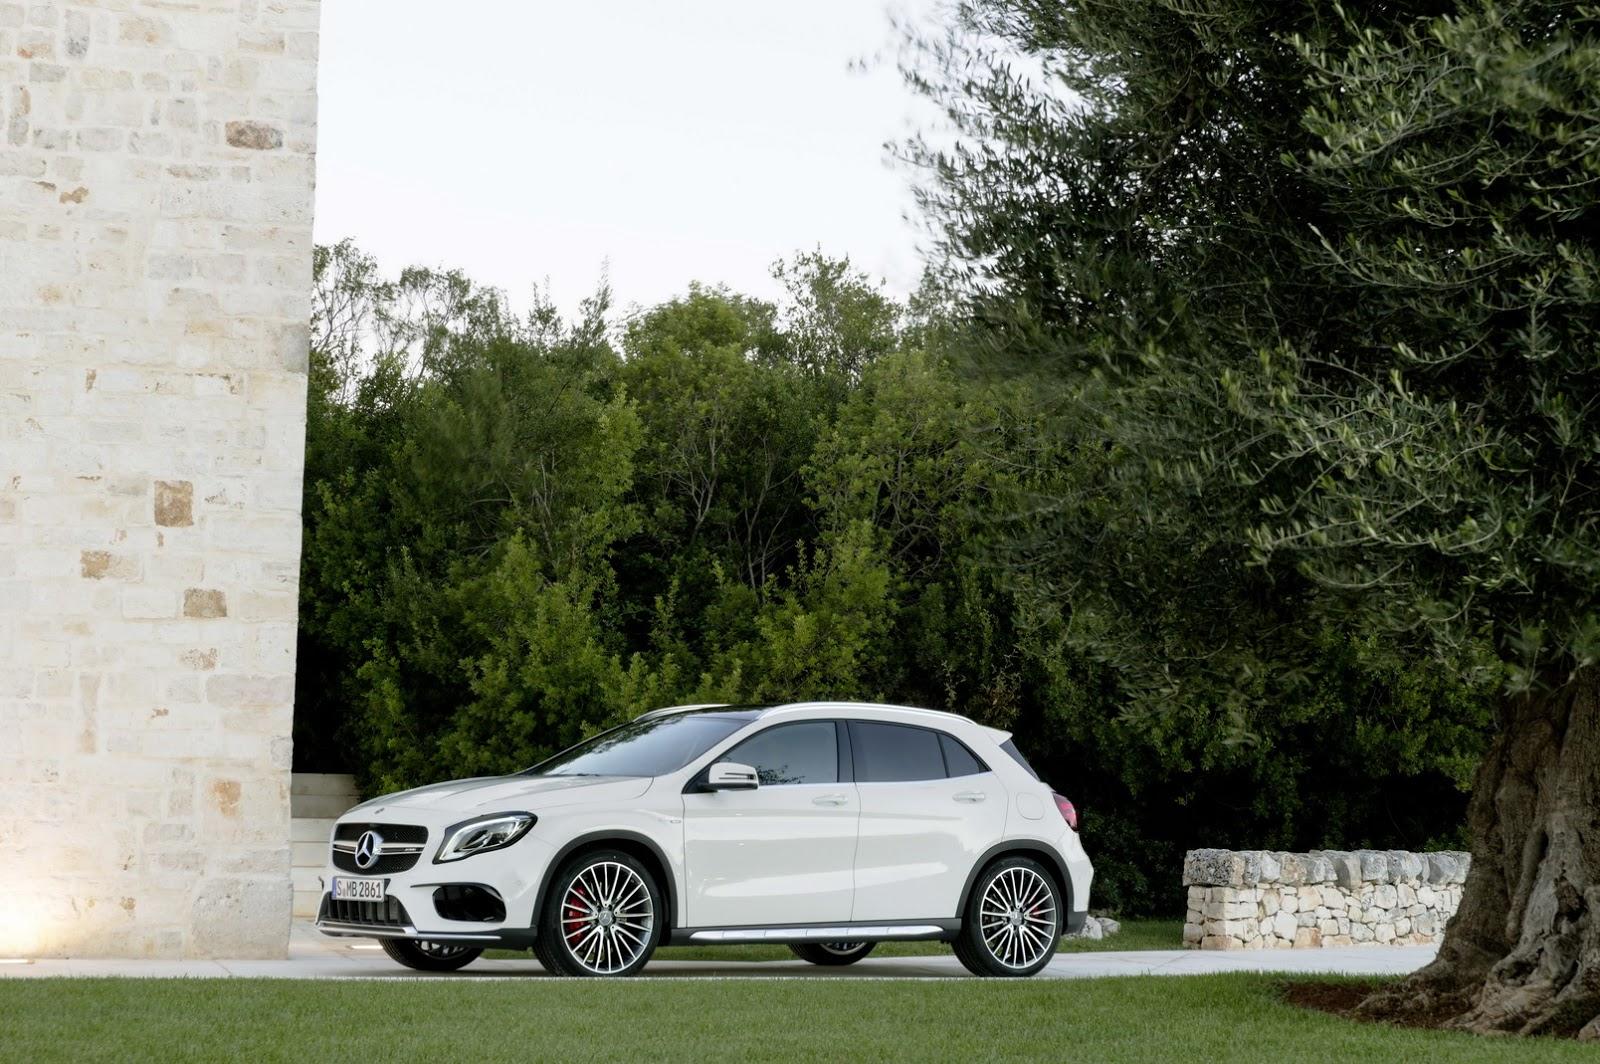 Mercedes GLA facelift and GLA 45 AMG facelift 2017 (20)